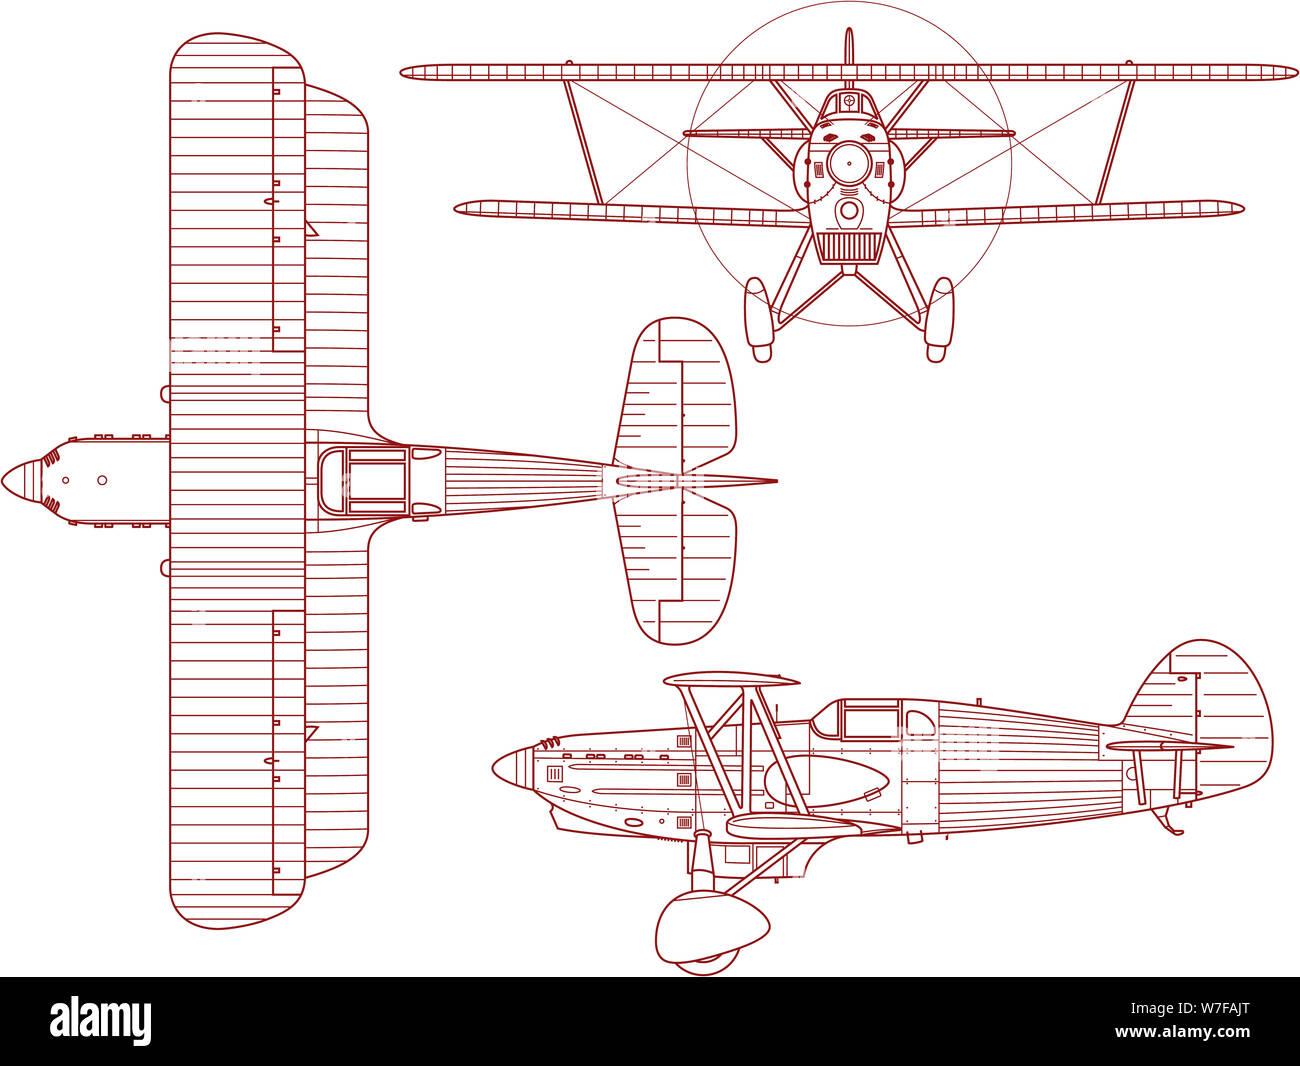 Schema blueprint di ingegneria di un Avia B-534 biplano come visto dal lato della parte superiore e la parte anteriore. Questo bi-aereo è stato prodotto e realizzato da Avia in CZ Foto Stock